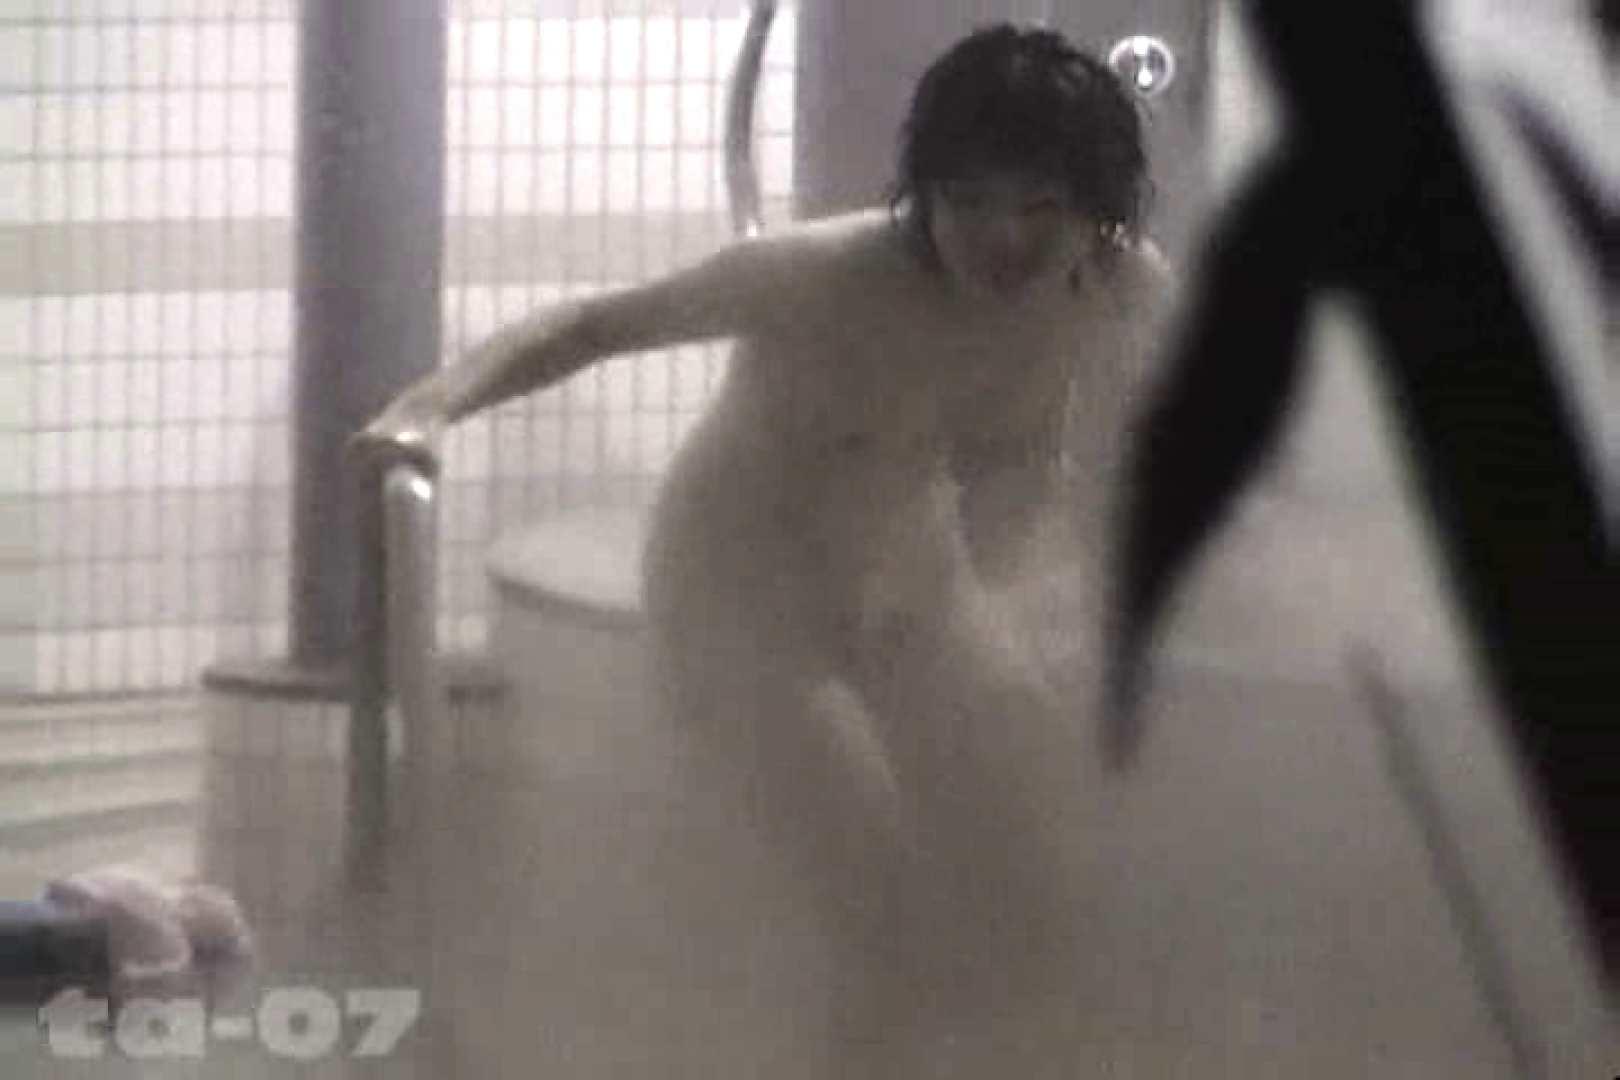 合宿ホテル女風呂盗撮高画質版 Vol.07 合宿中の出来事 盗撮 77画像 70